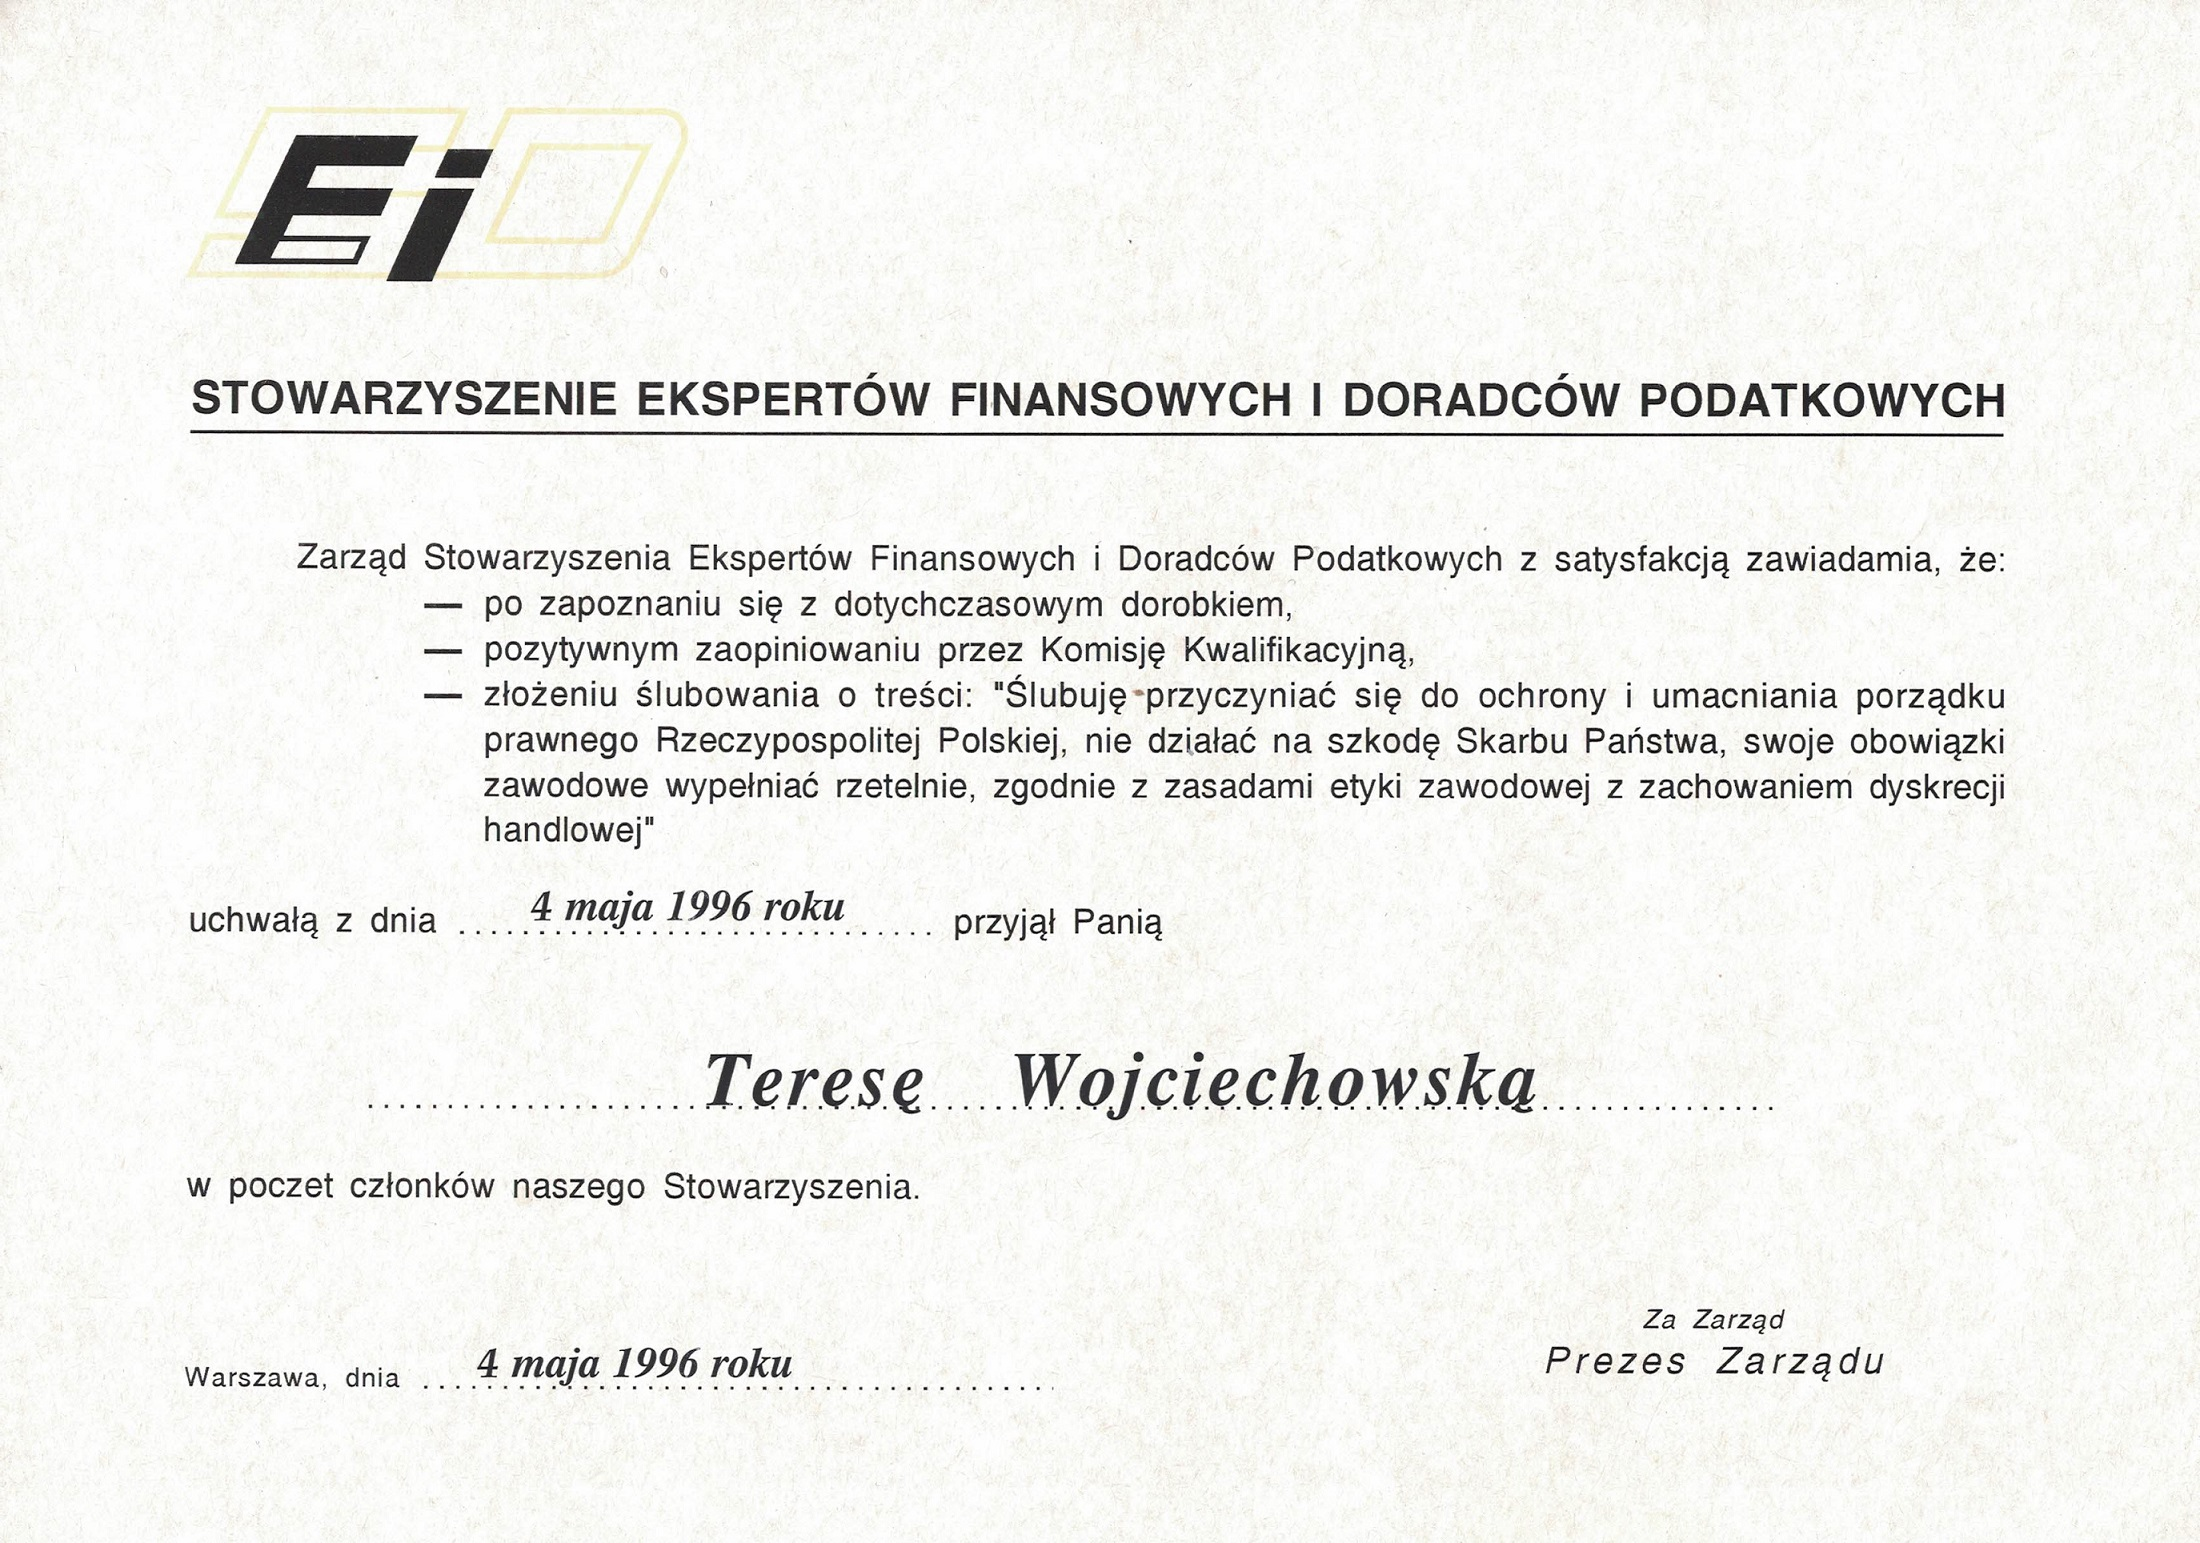 Certyfikat Kancelaria Prawno-Podatkowa Sekret Teresa Wojciechowska